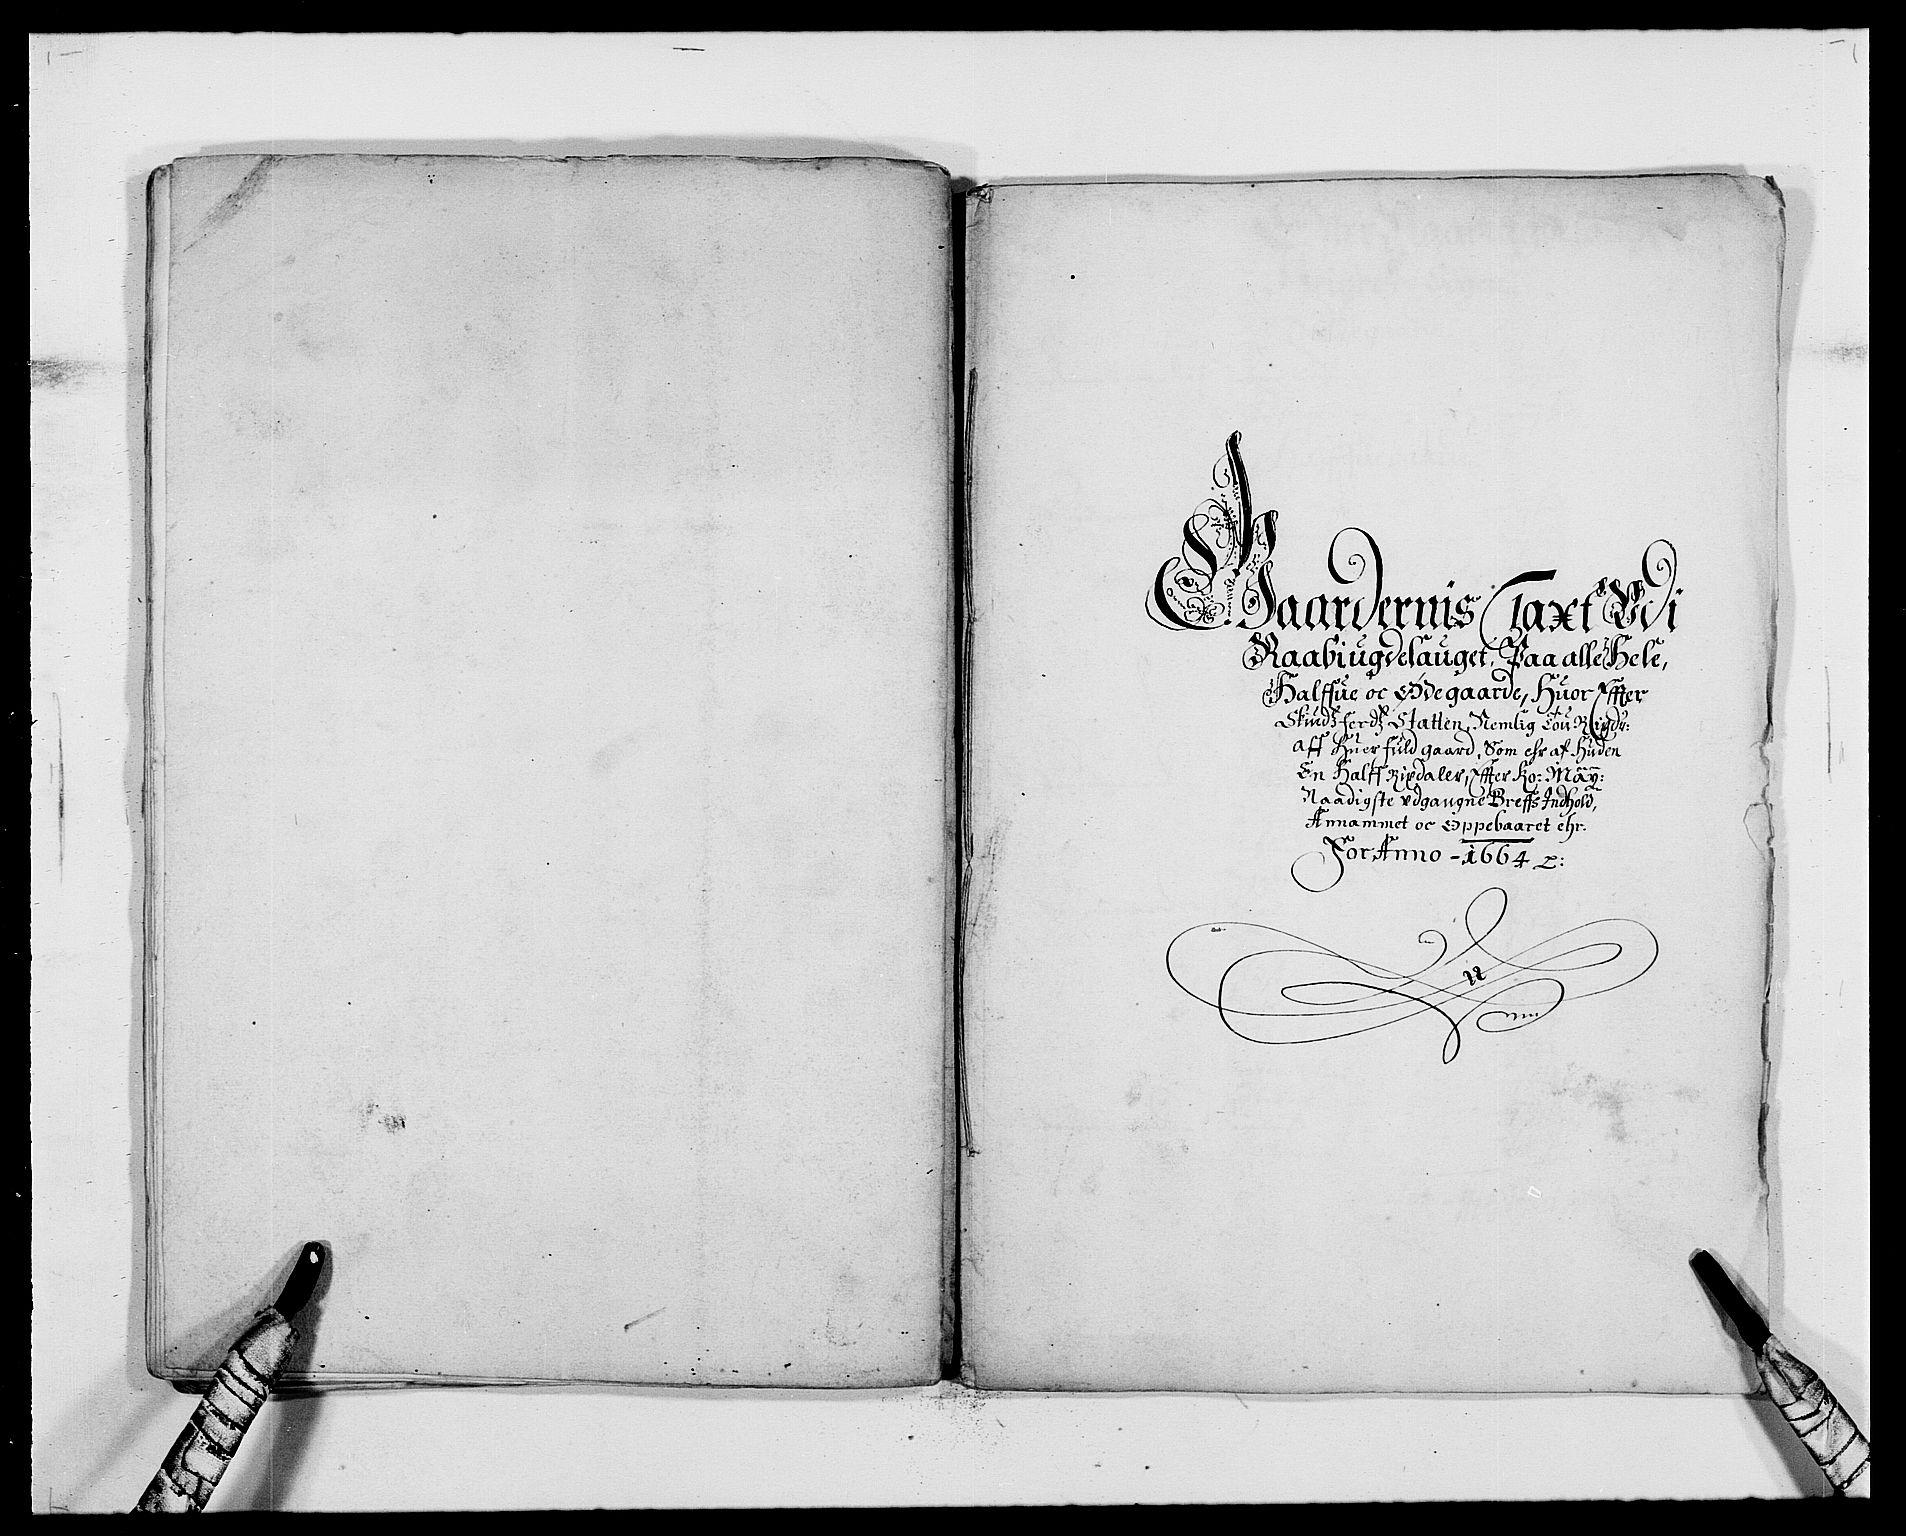 RA, Rentekammeret inntil 1814, Reviderte regnskaper, Fogderegnskap, R40/L2431: Fogderegnskap Råbyggelag, 1664-1668, s. 76